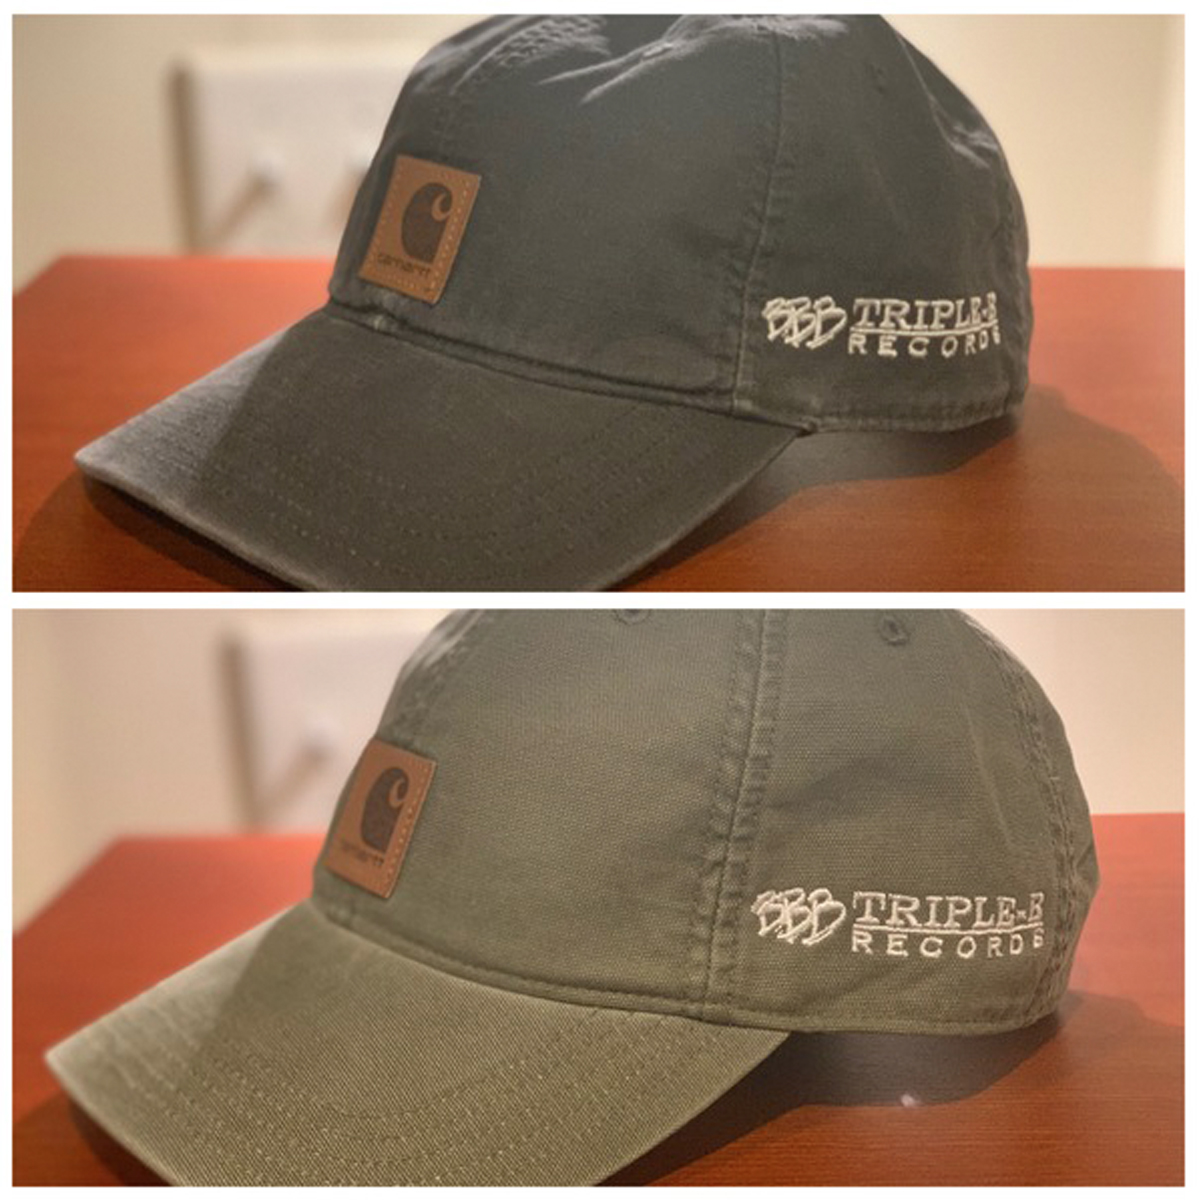 Triple B Records - BBB x Carhartt Dad Hat LTD to 50 e90316abb6d